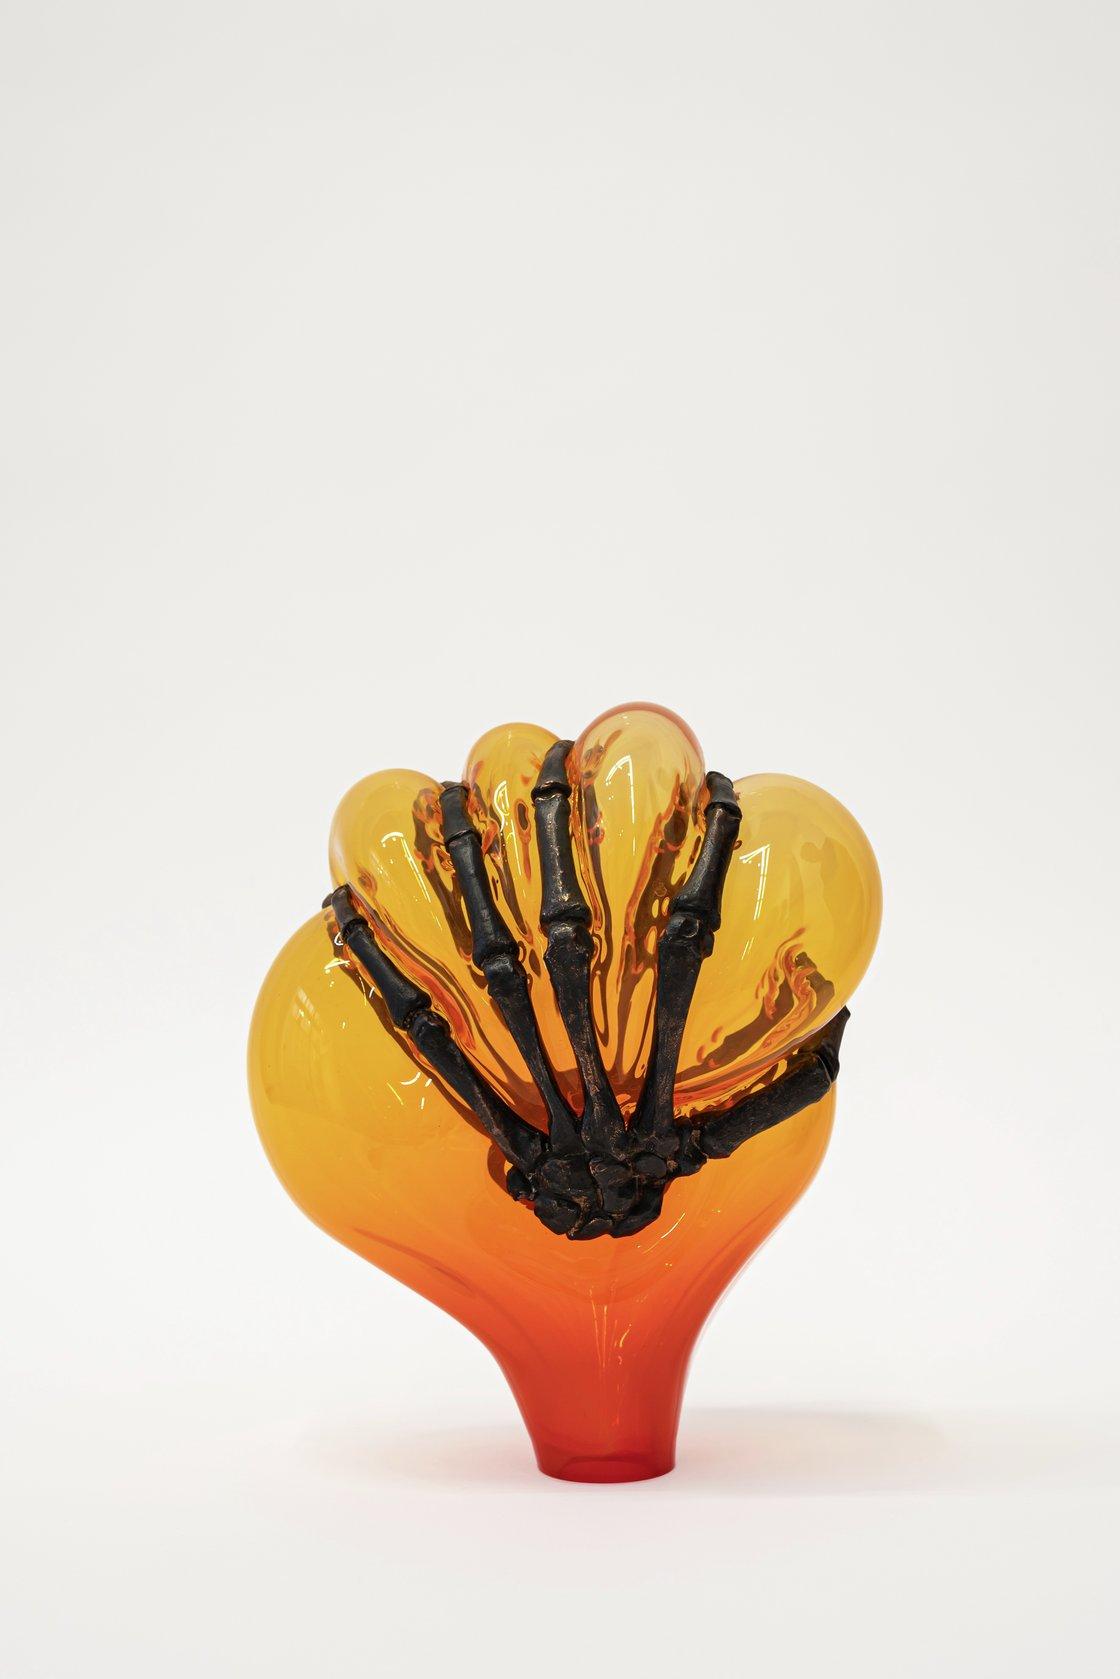 Jean-Luc Moulène, Untitled 3 (cage de mains), 2021